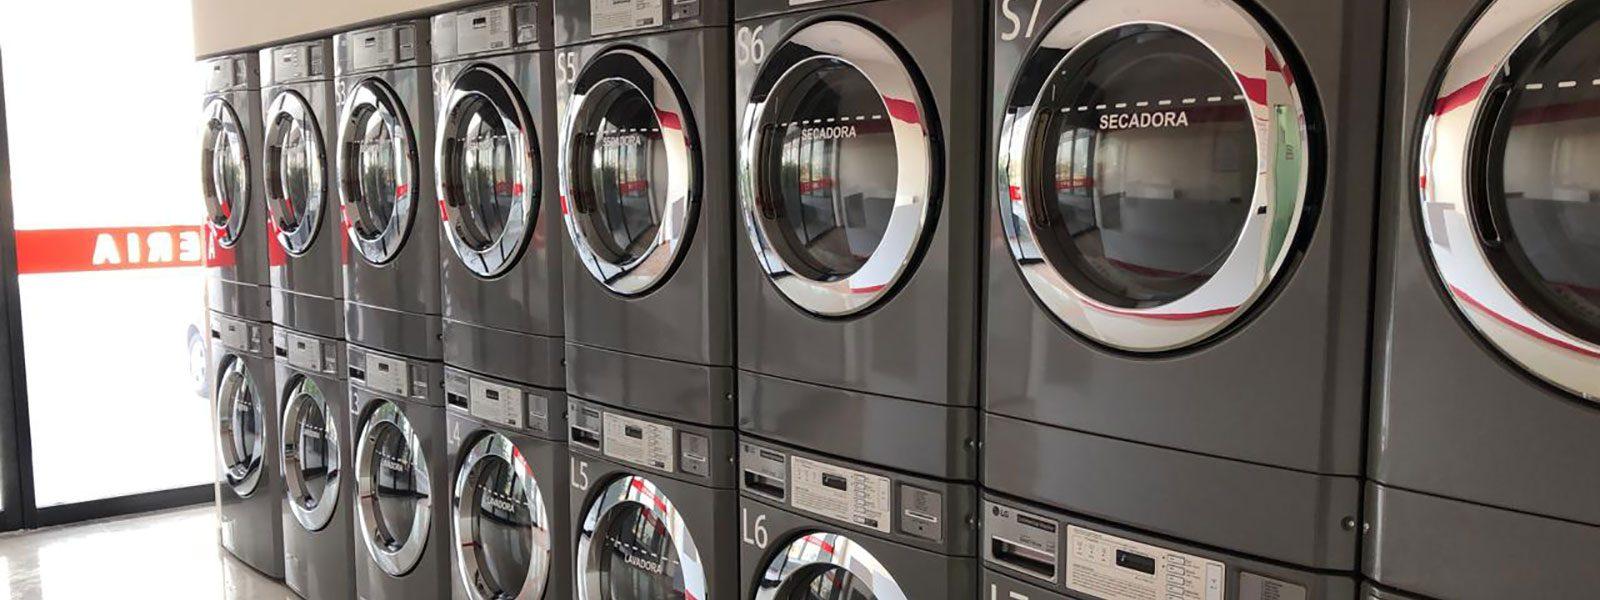 laundry lounge mexico lg